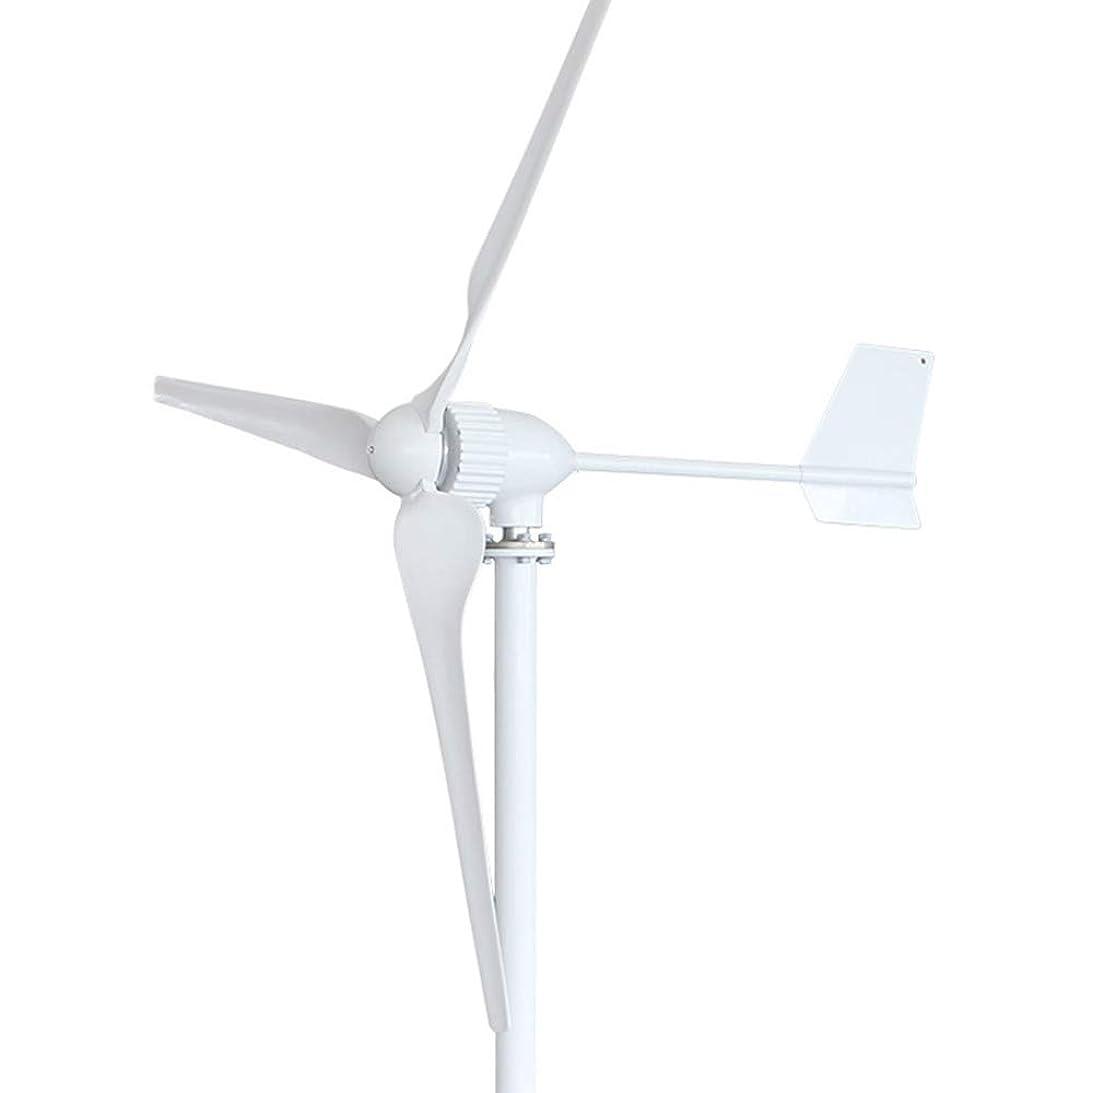 レーダー機械的廃止家庭用の防水風のコントローラと工場出荷時の価格1000W 24V / 48V 1キロワットの風力タービン発電機の低起動風車速